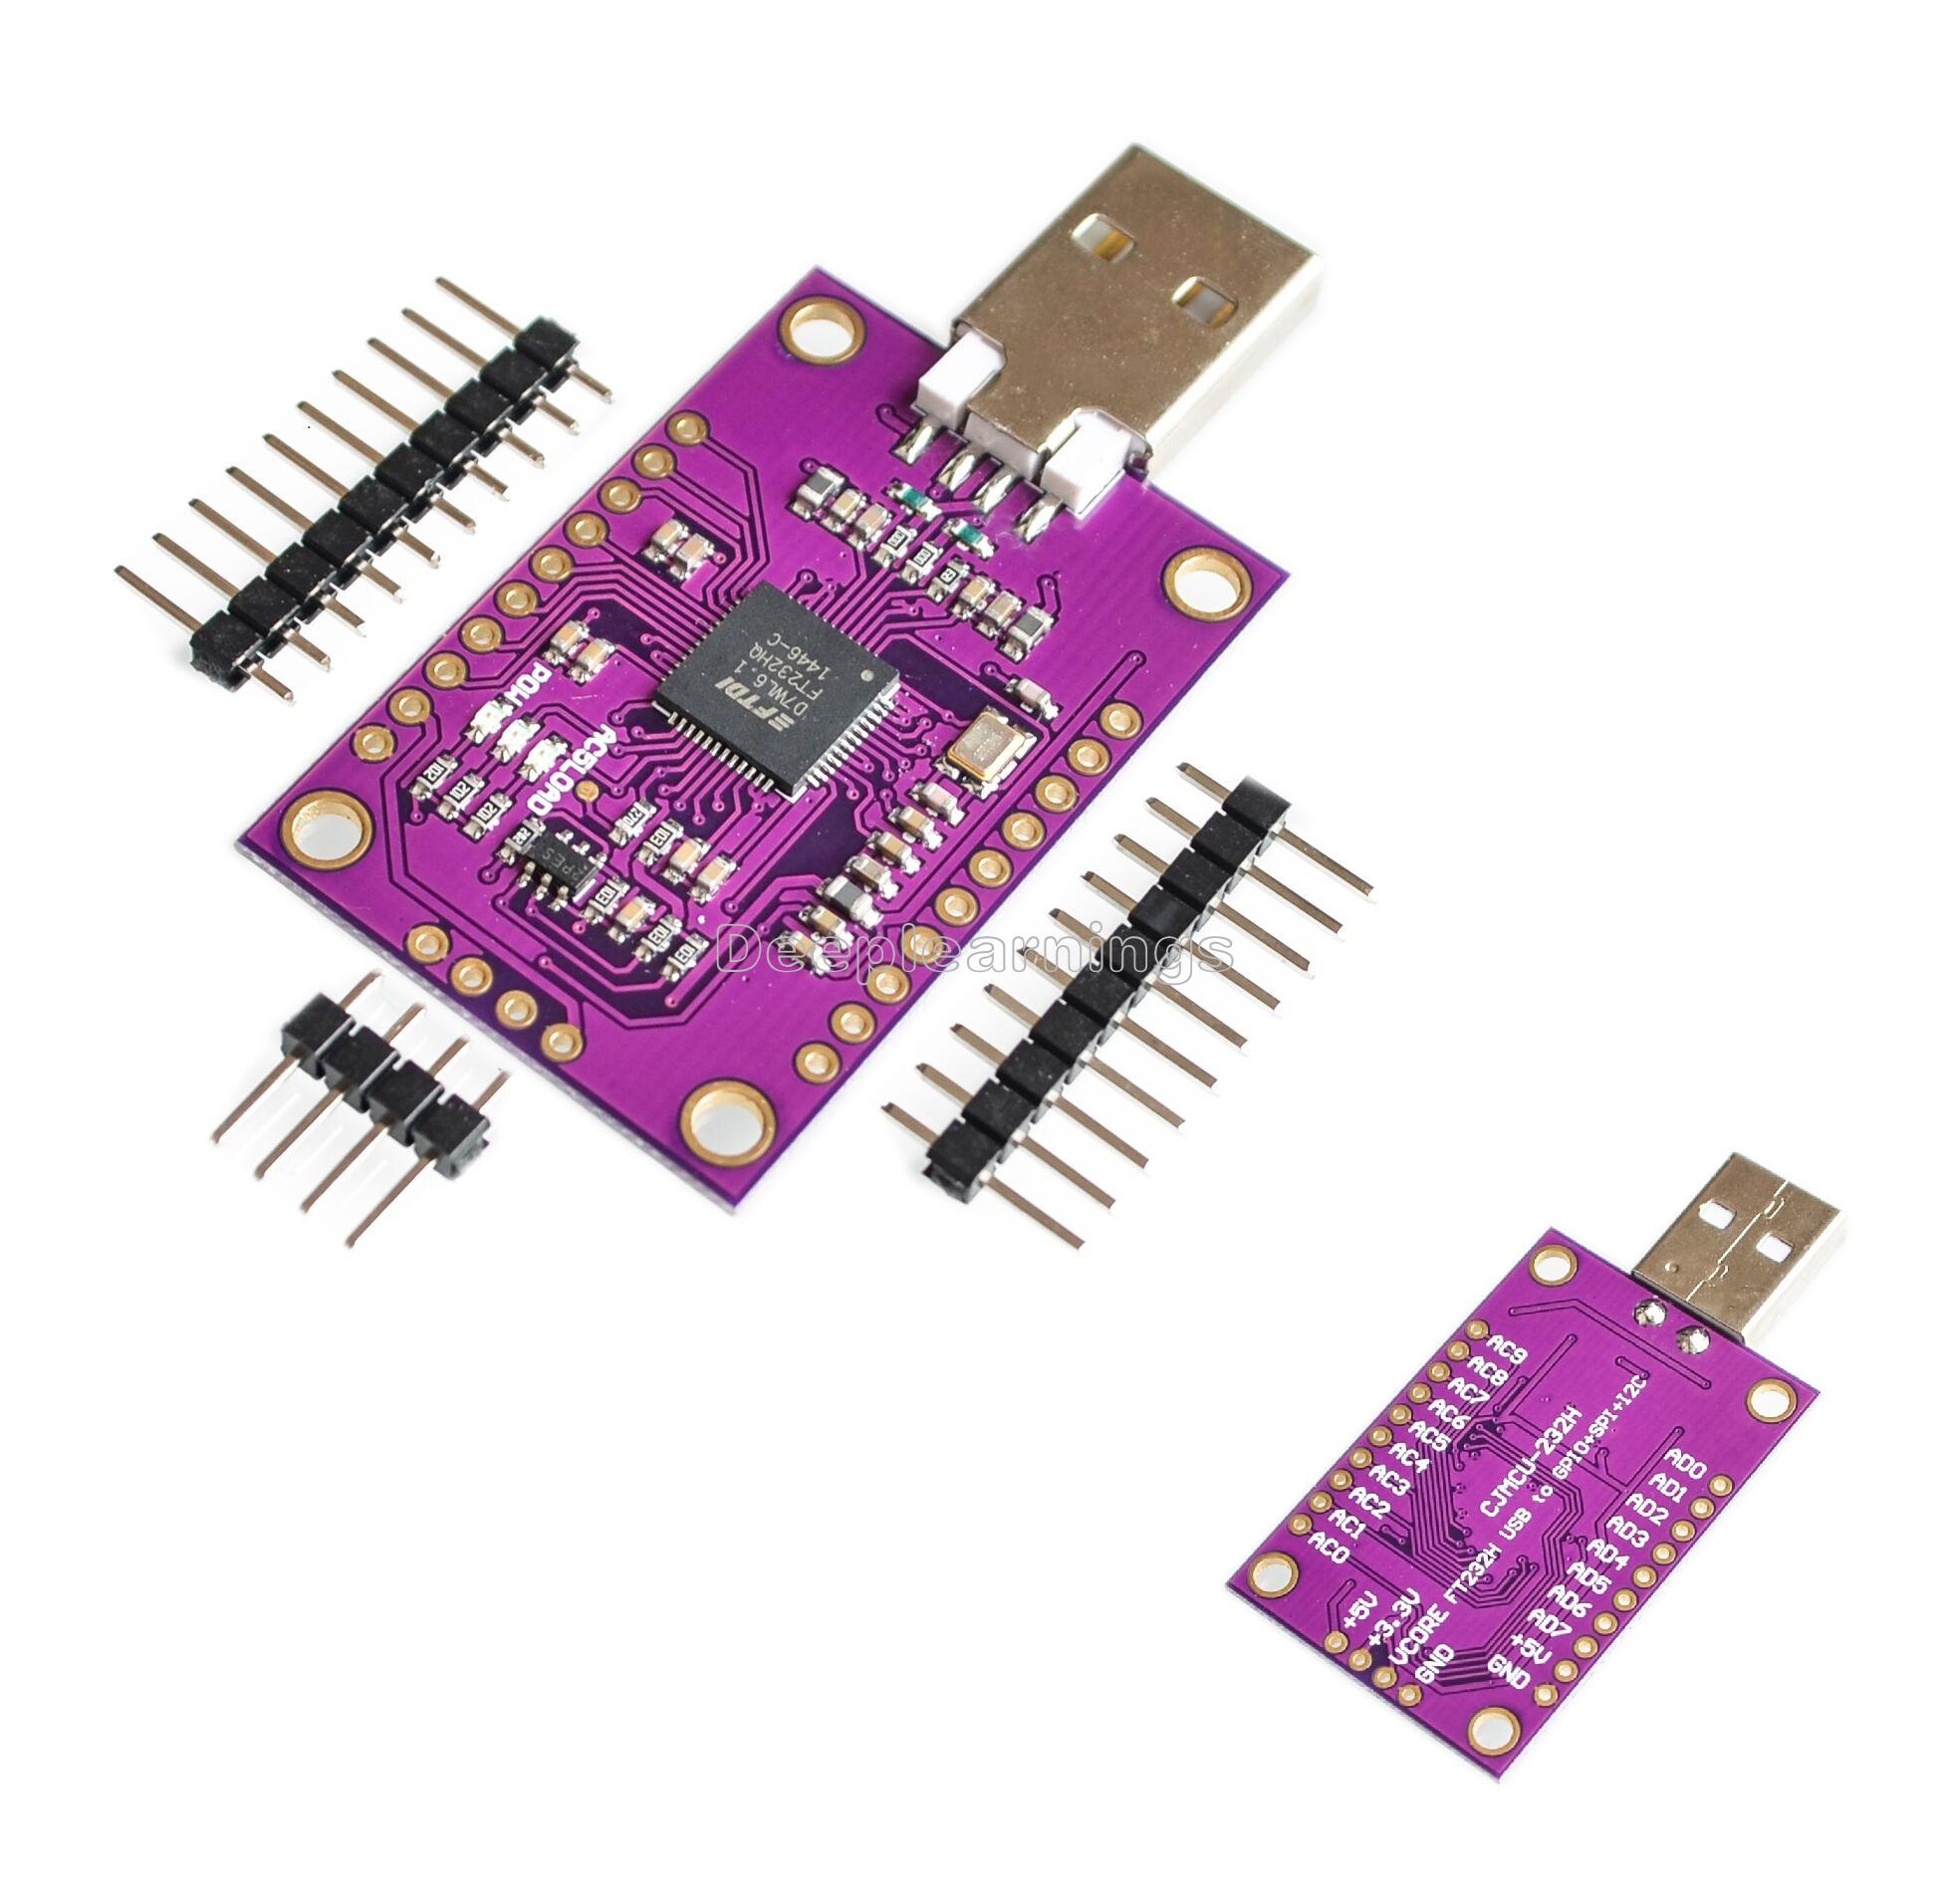 Details about CJMCU FT232H High-Speed Multifunction USB to JTAG UART/ FIFO  SPI/ I2C Module